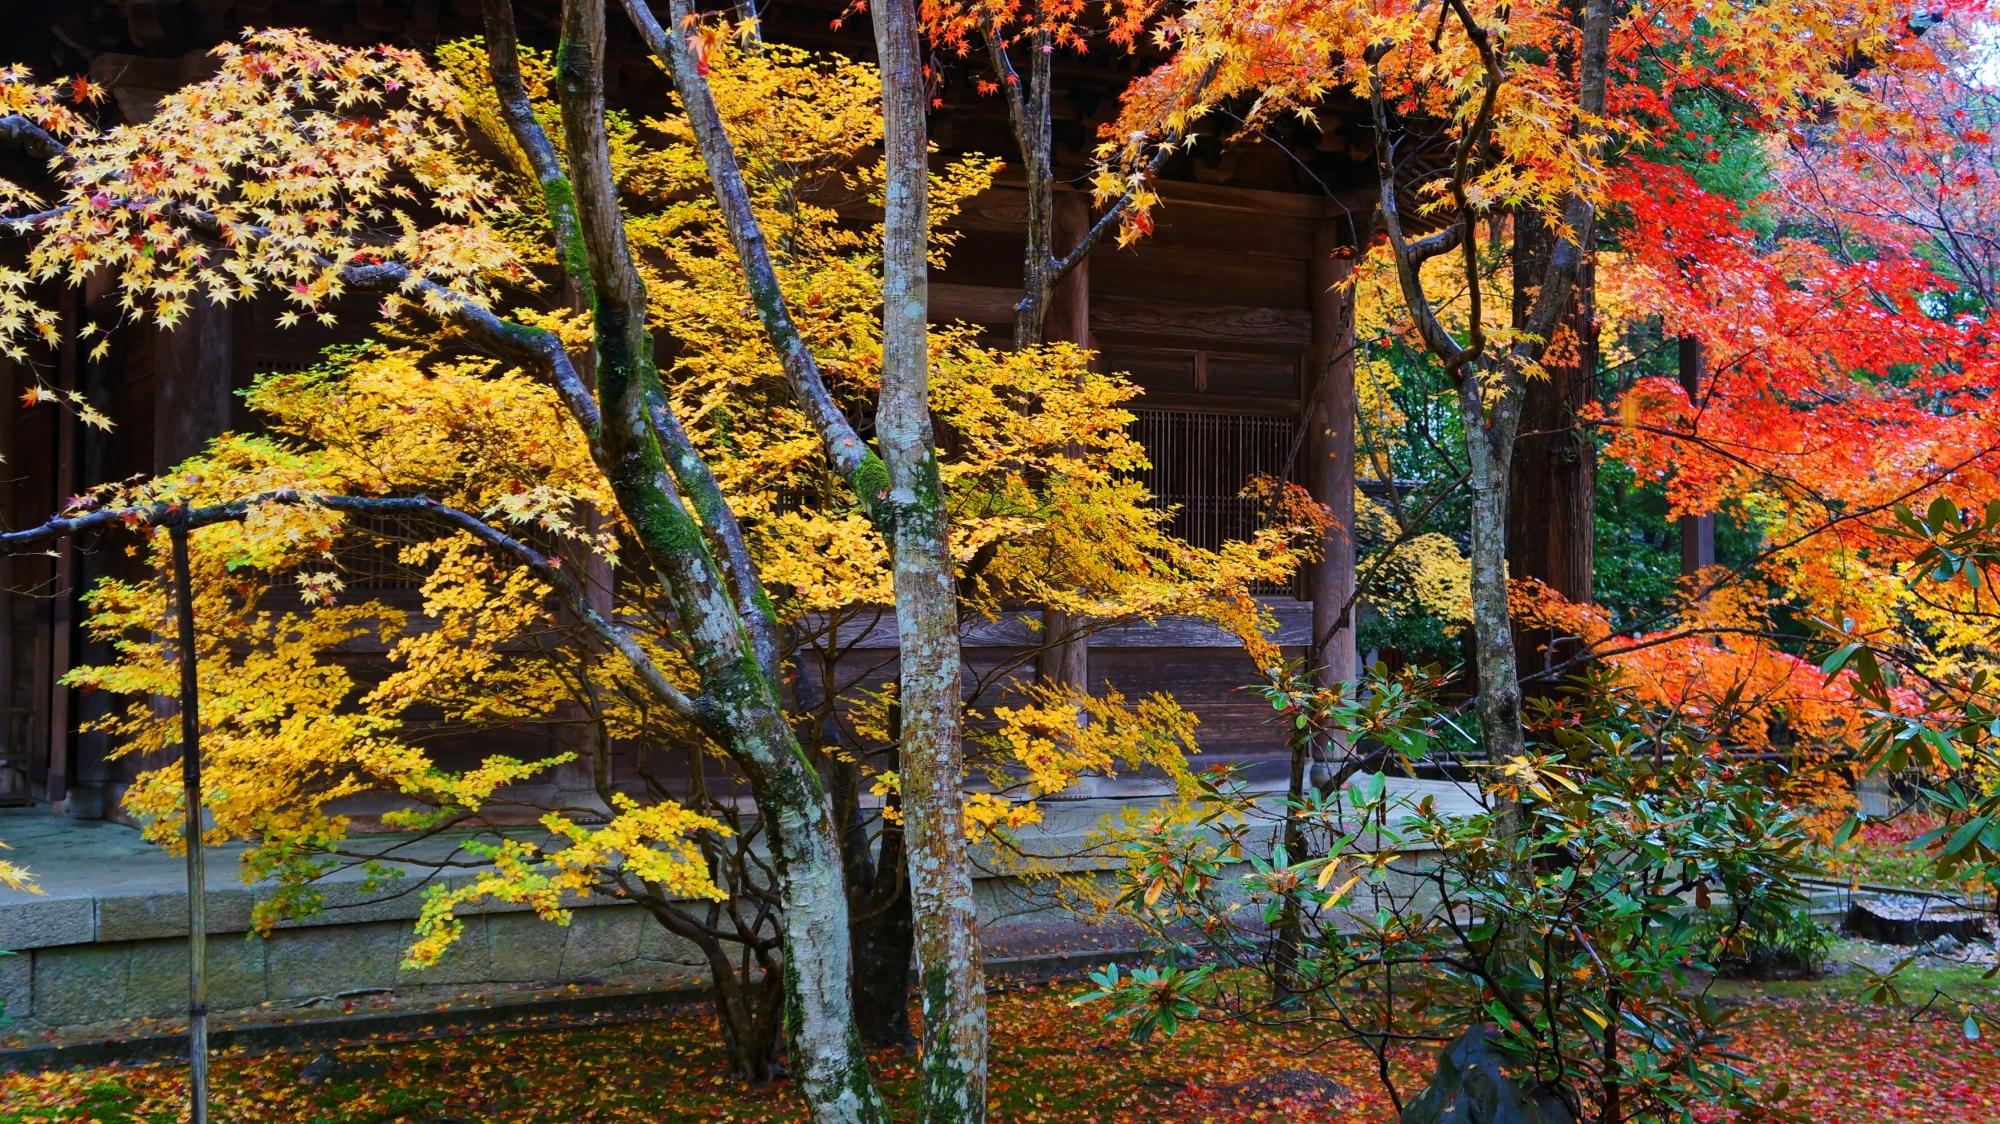 蓮華寺の本堂横の黄色い紅葉